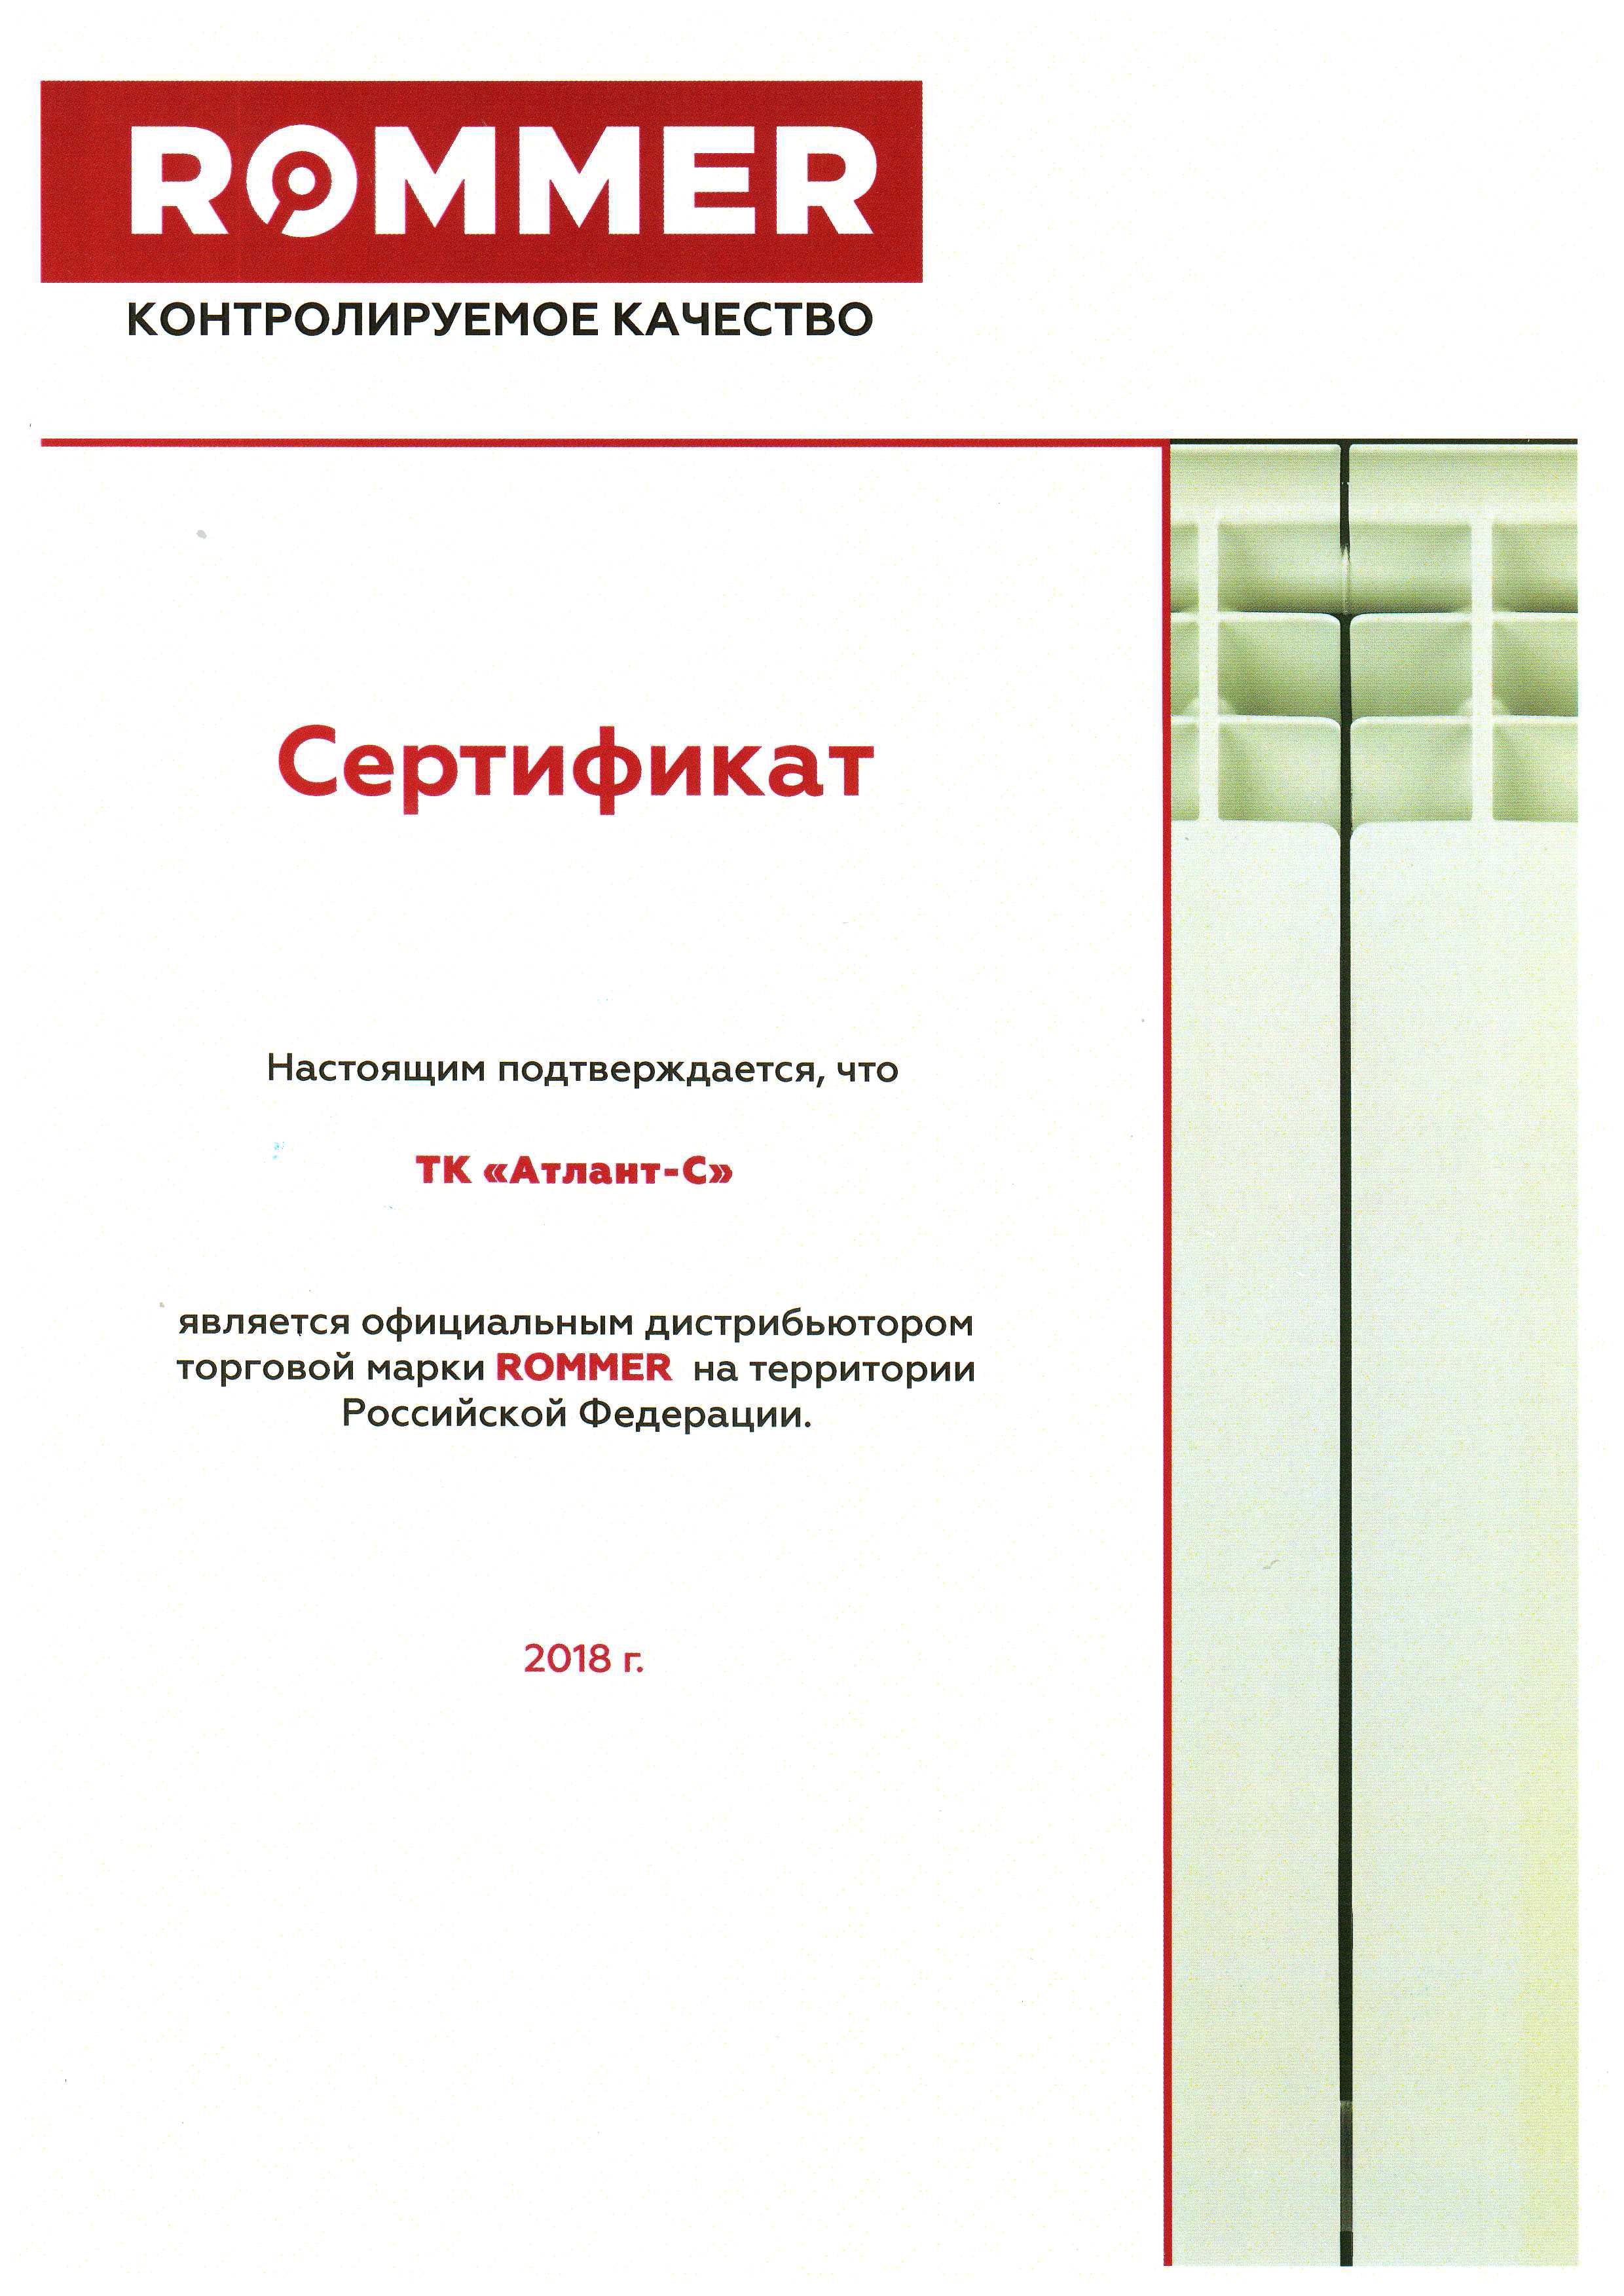 Сертификат Rommer